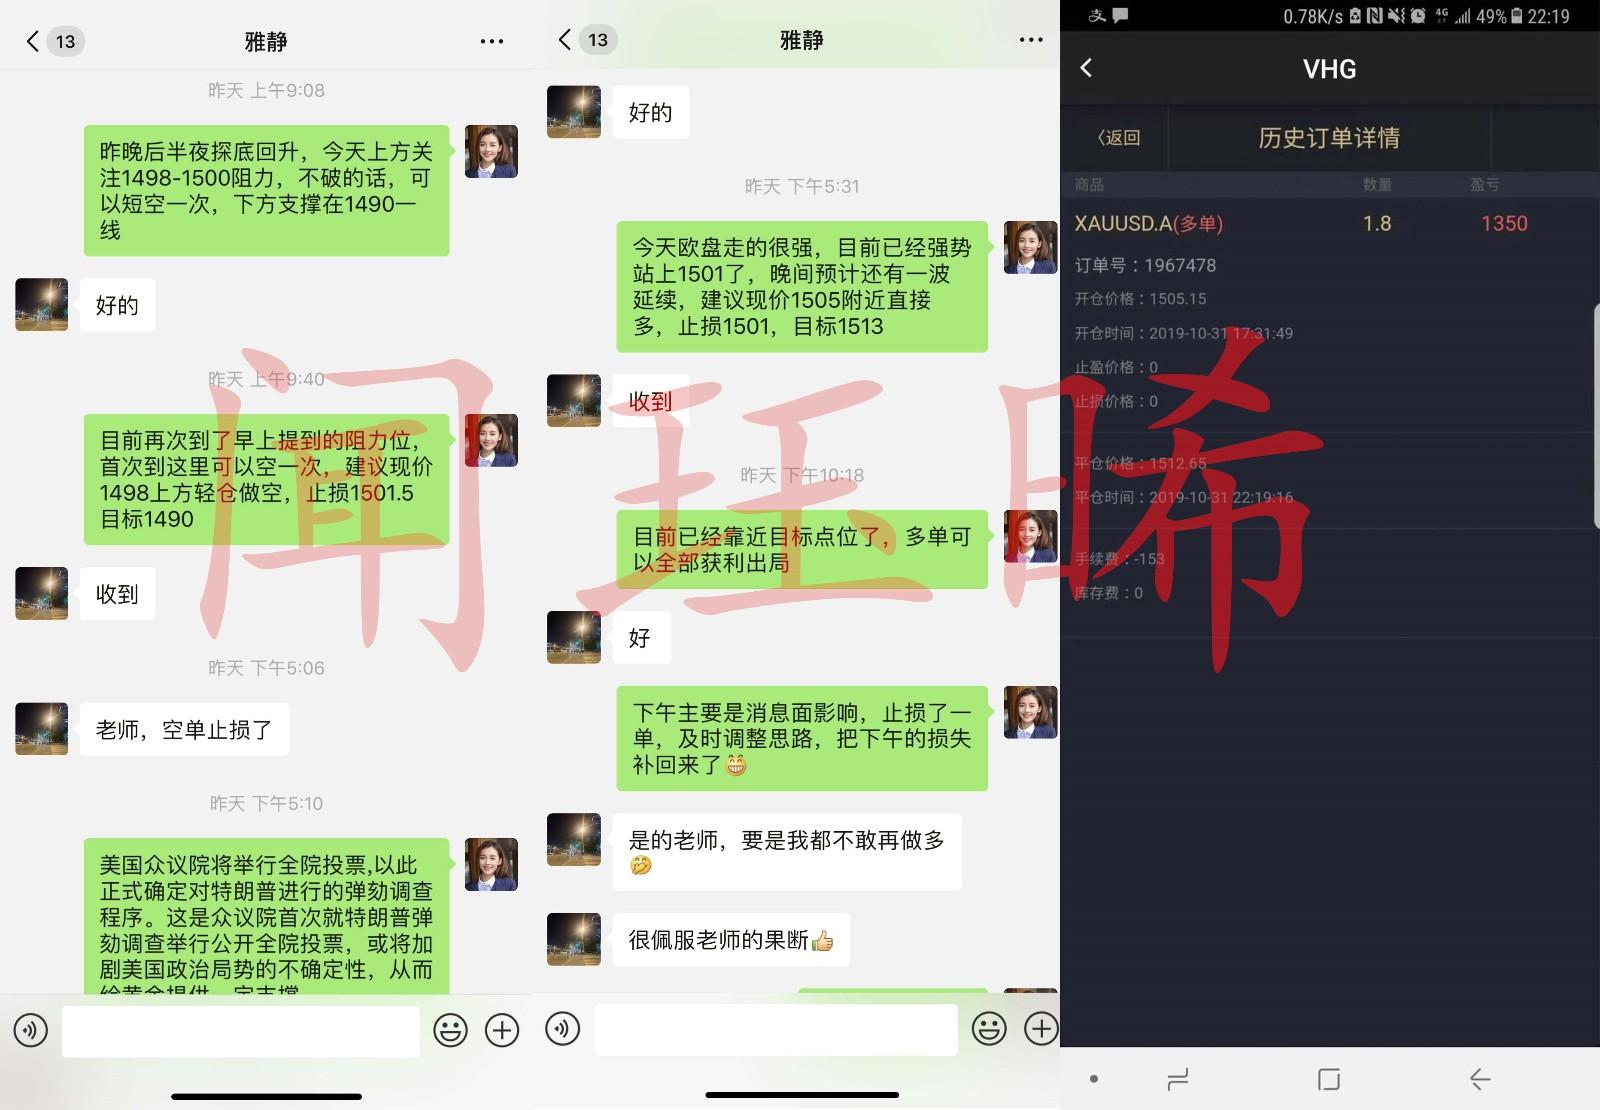 10.31盈利wjuexi.jpg